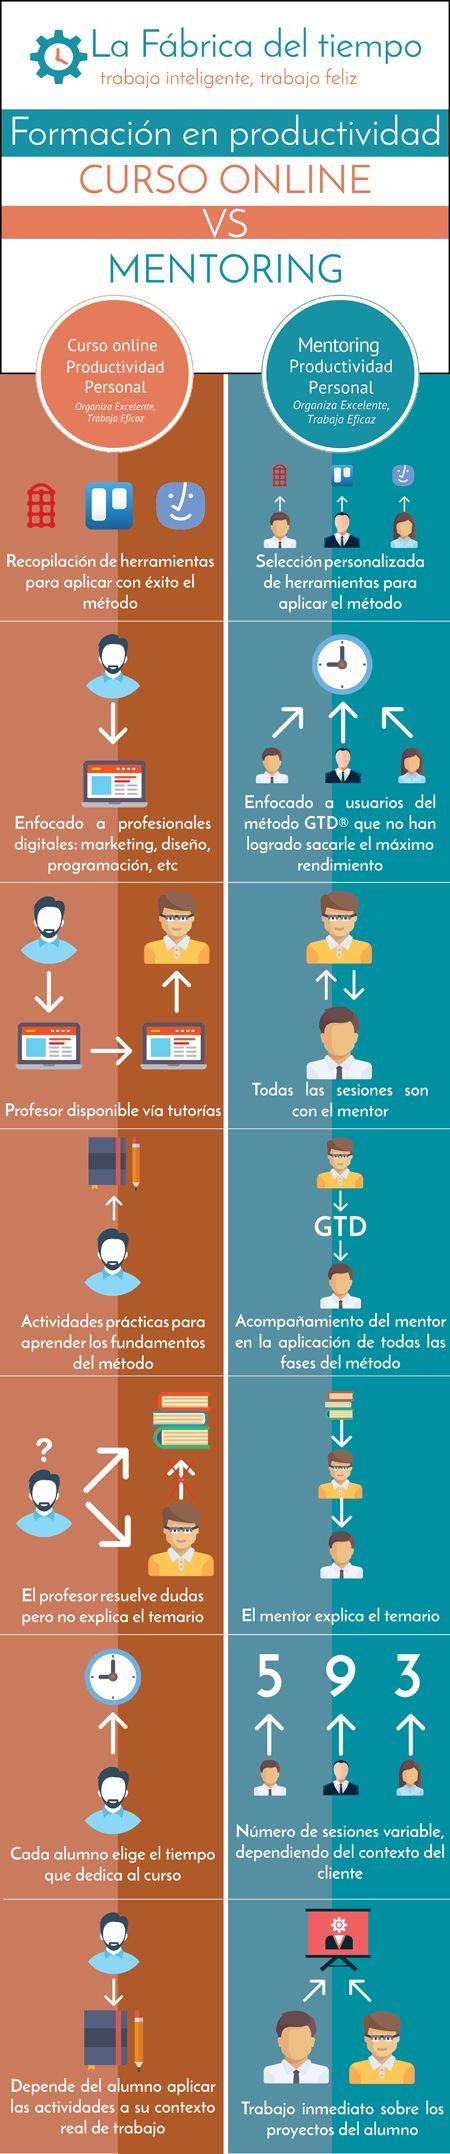 #Productividadpersonal #Cursoonline #MentoringProductividad #Diferencias #Productividad #Tiempo #Aprovechatutiempo #FabricaTiempo